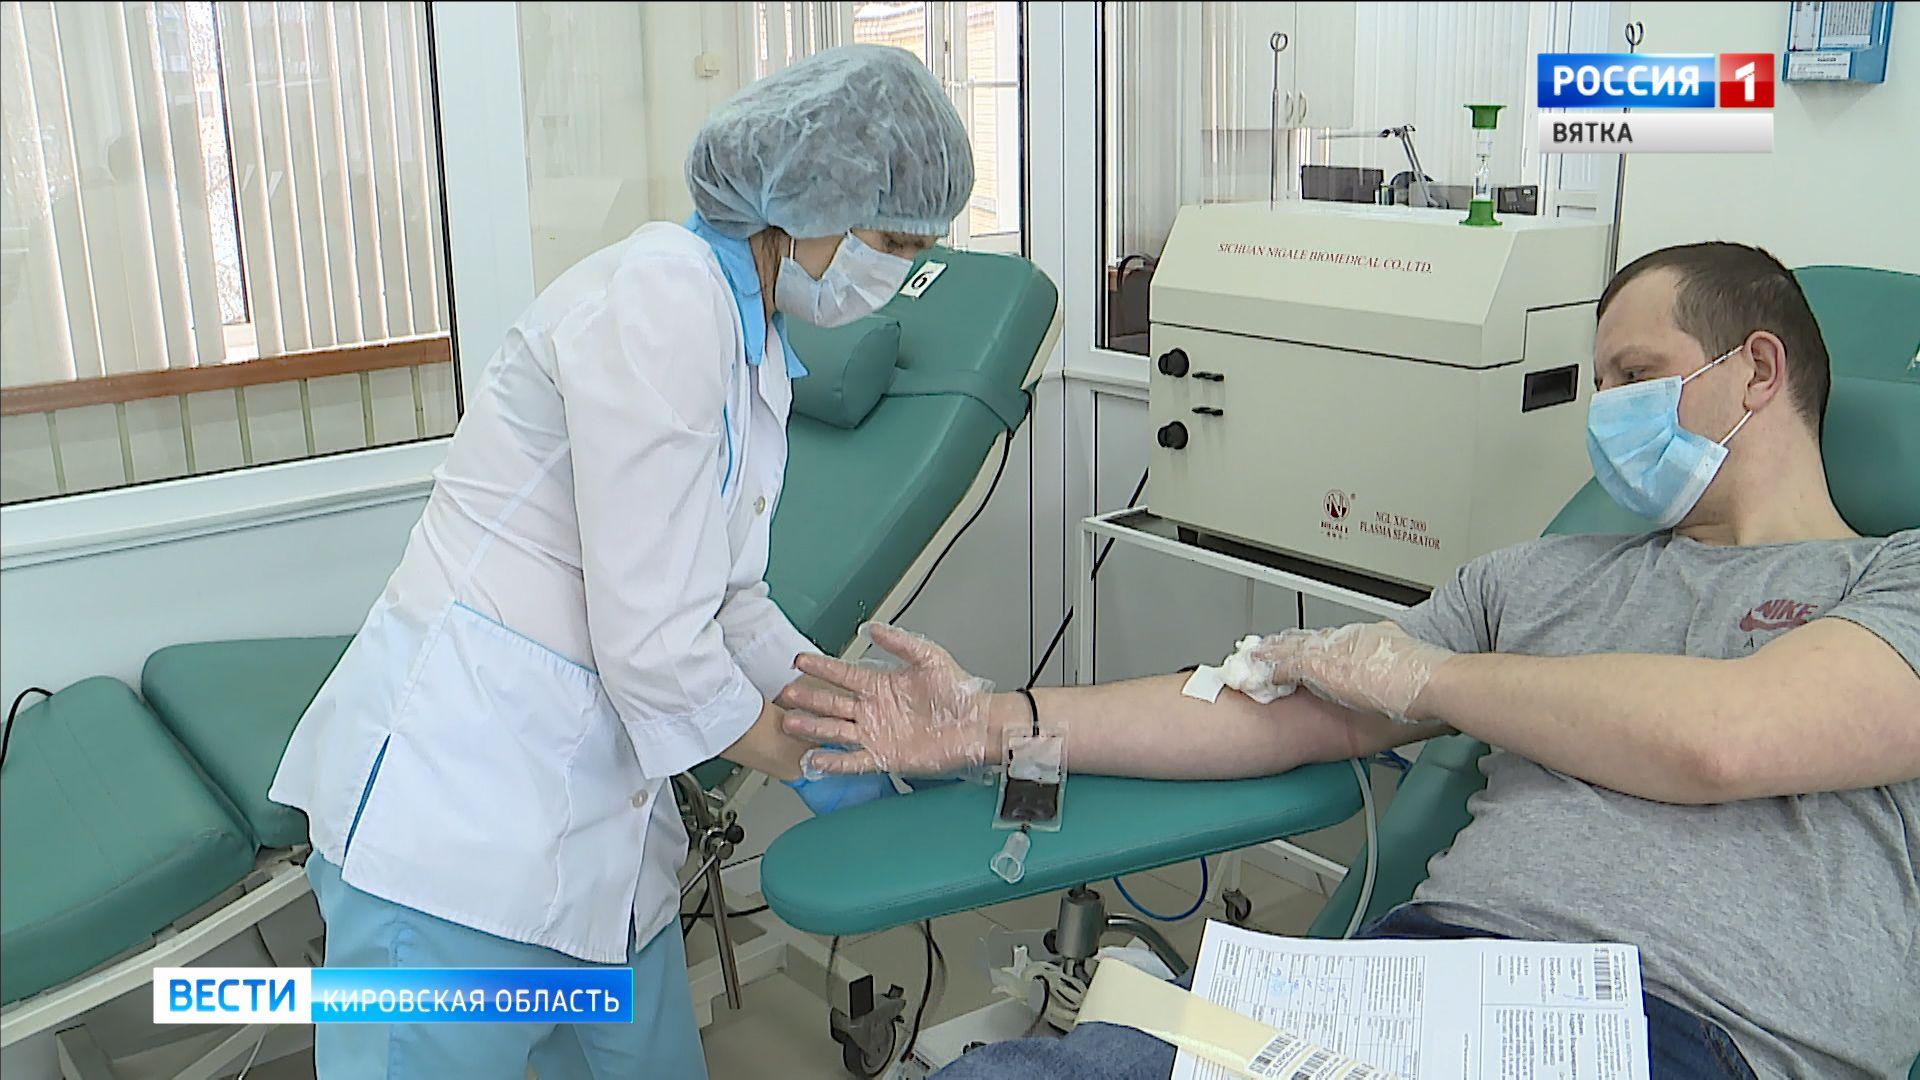 Кировский центр крови работает в прежнем режиме, но с повышенными требованиями к профилактике